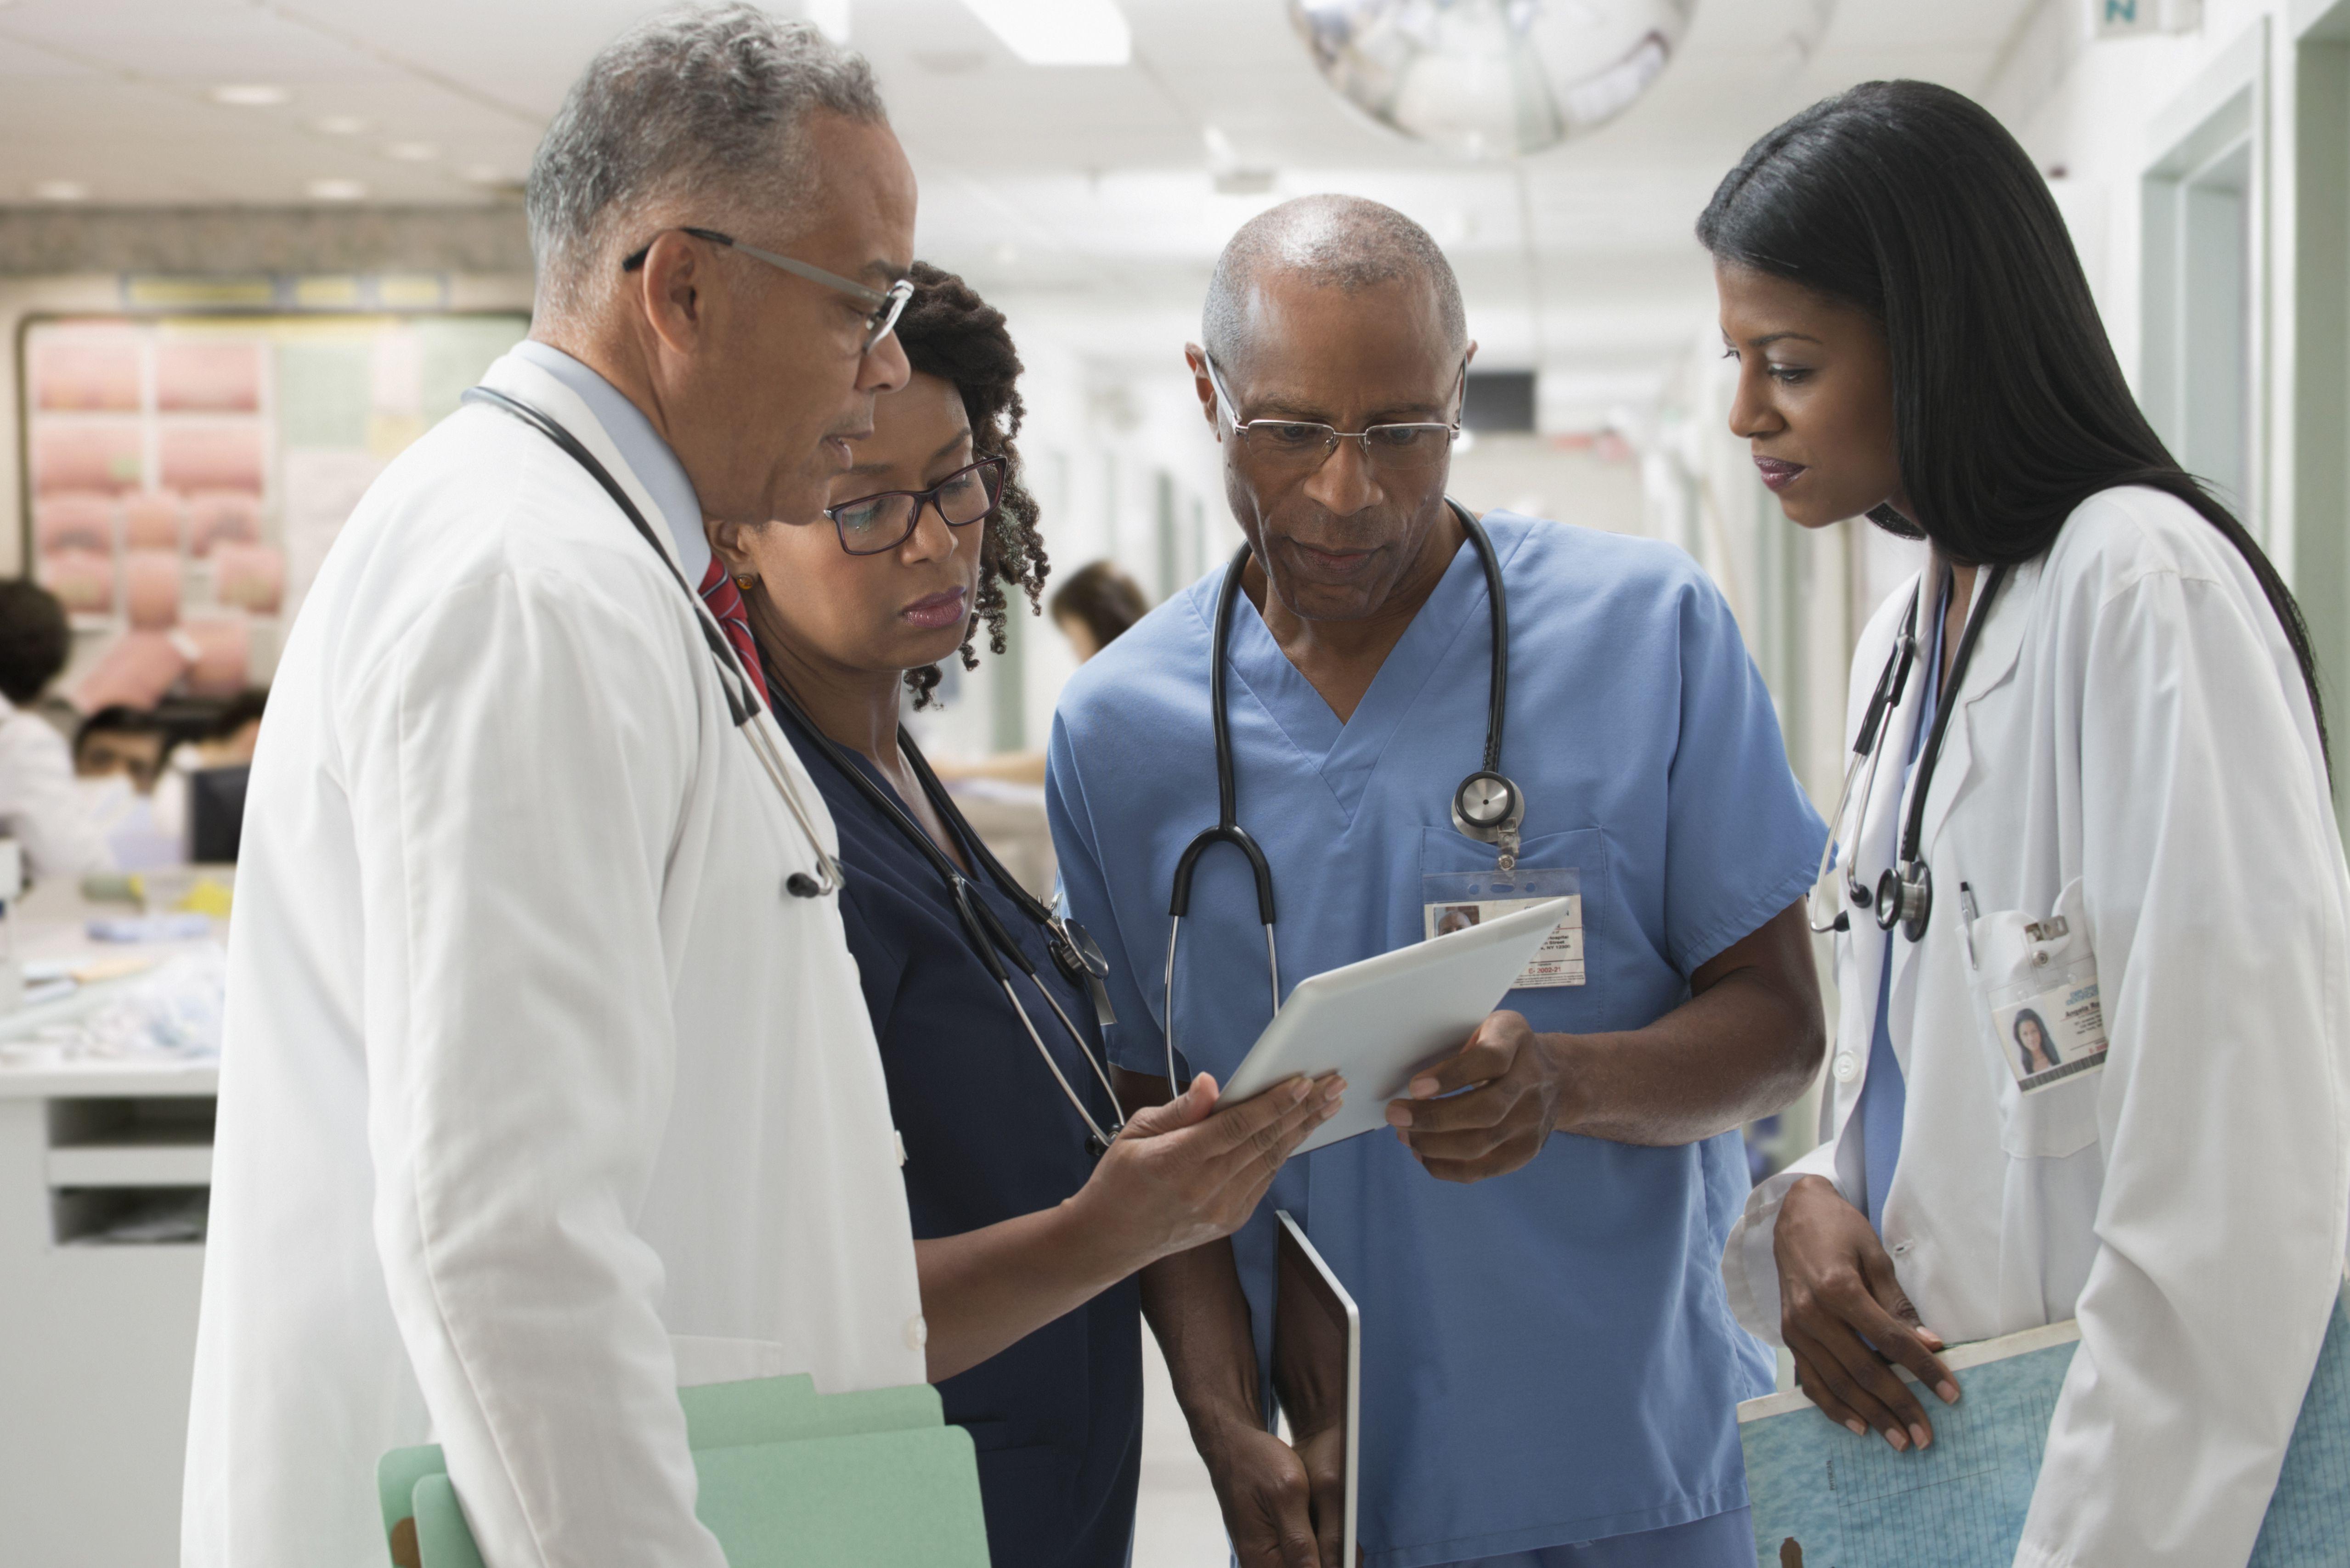 types of medical internships